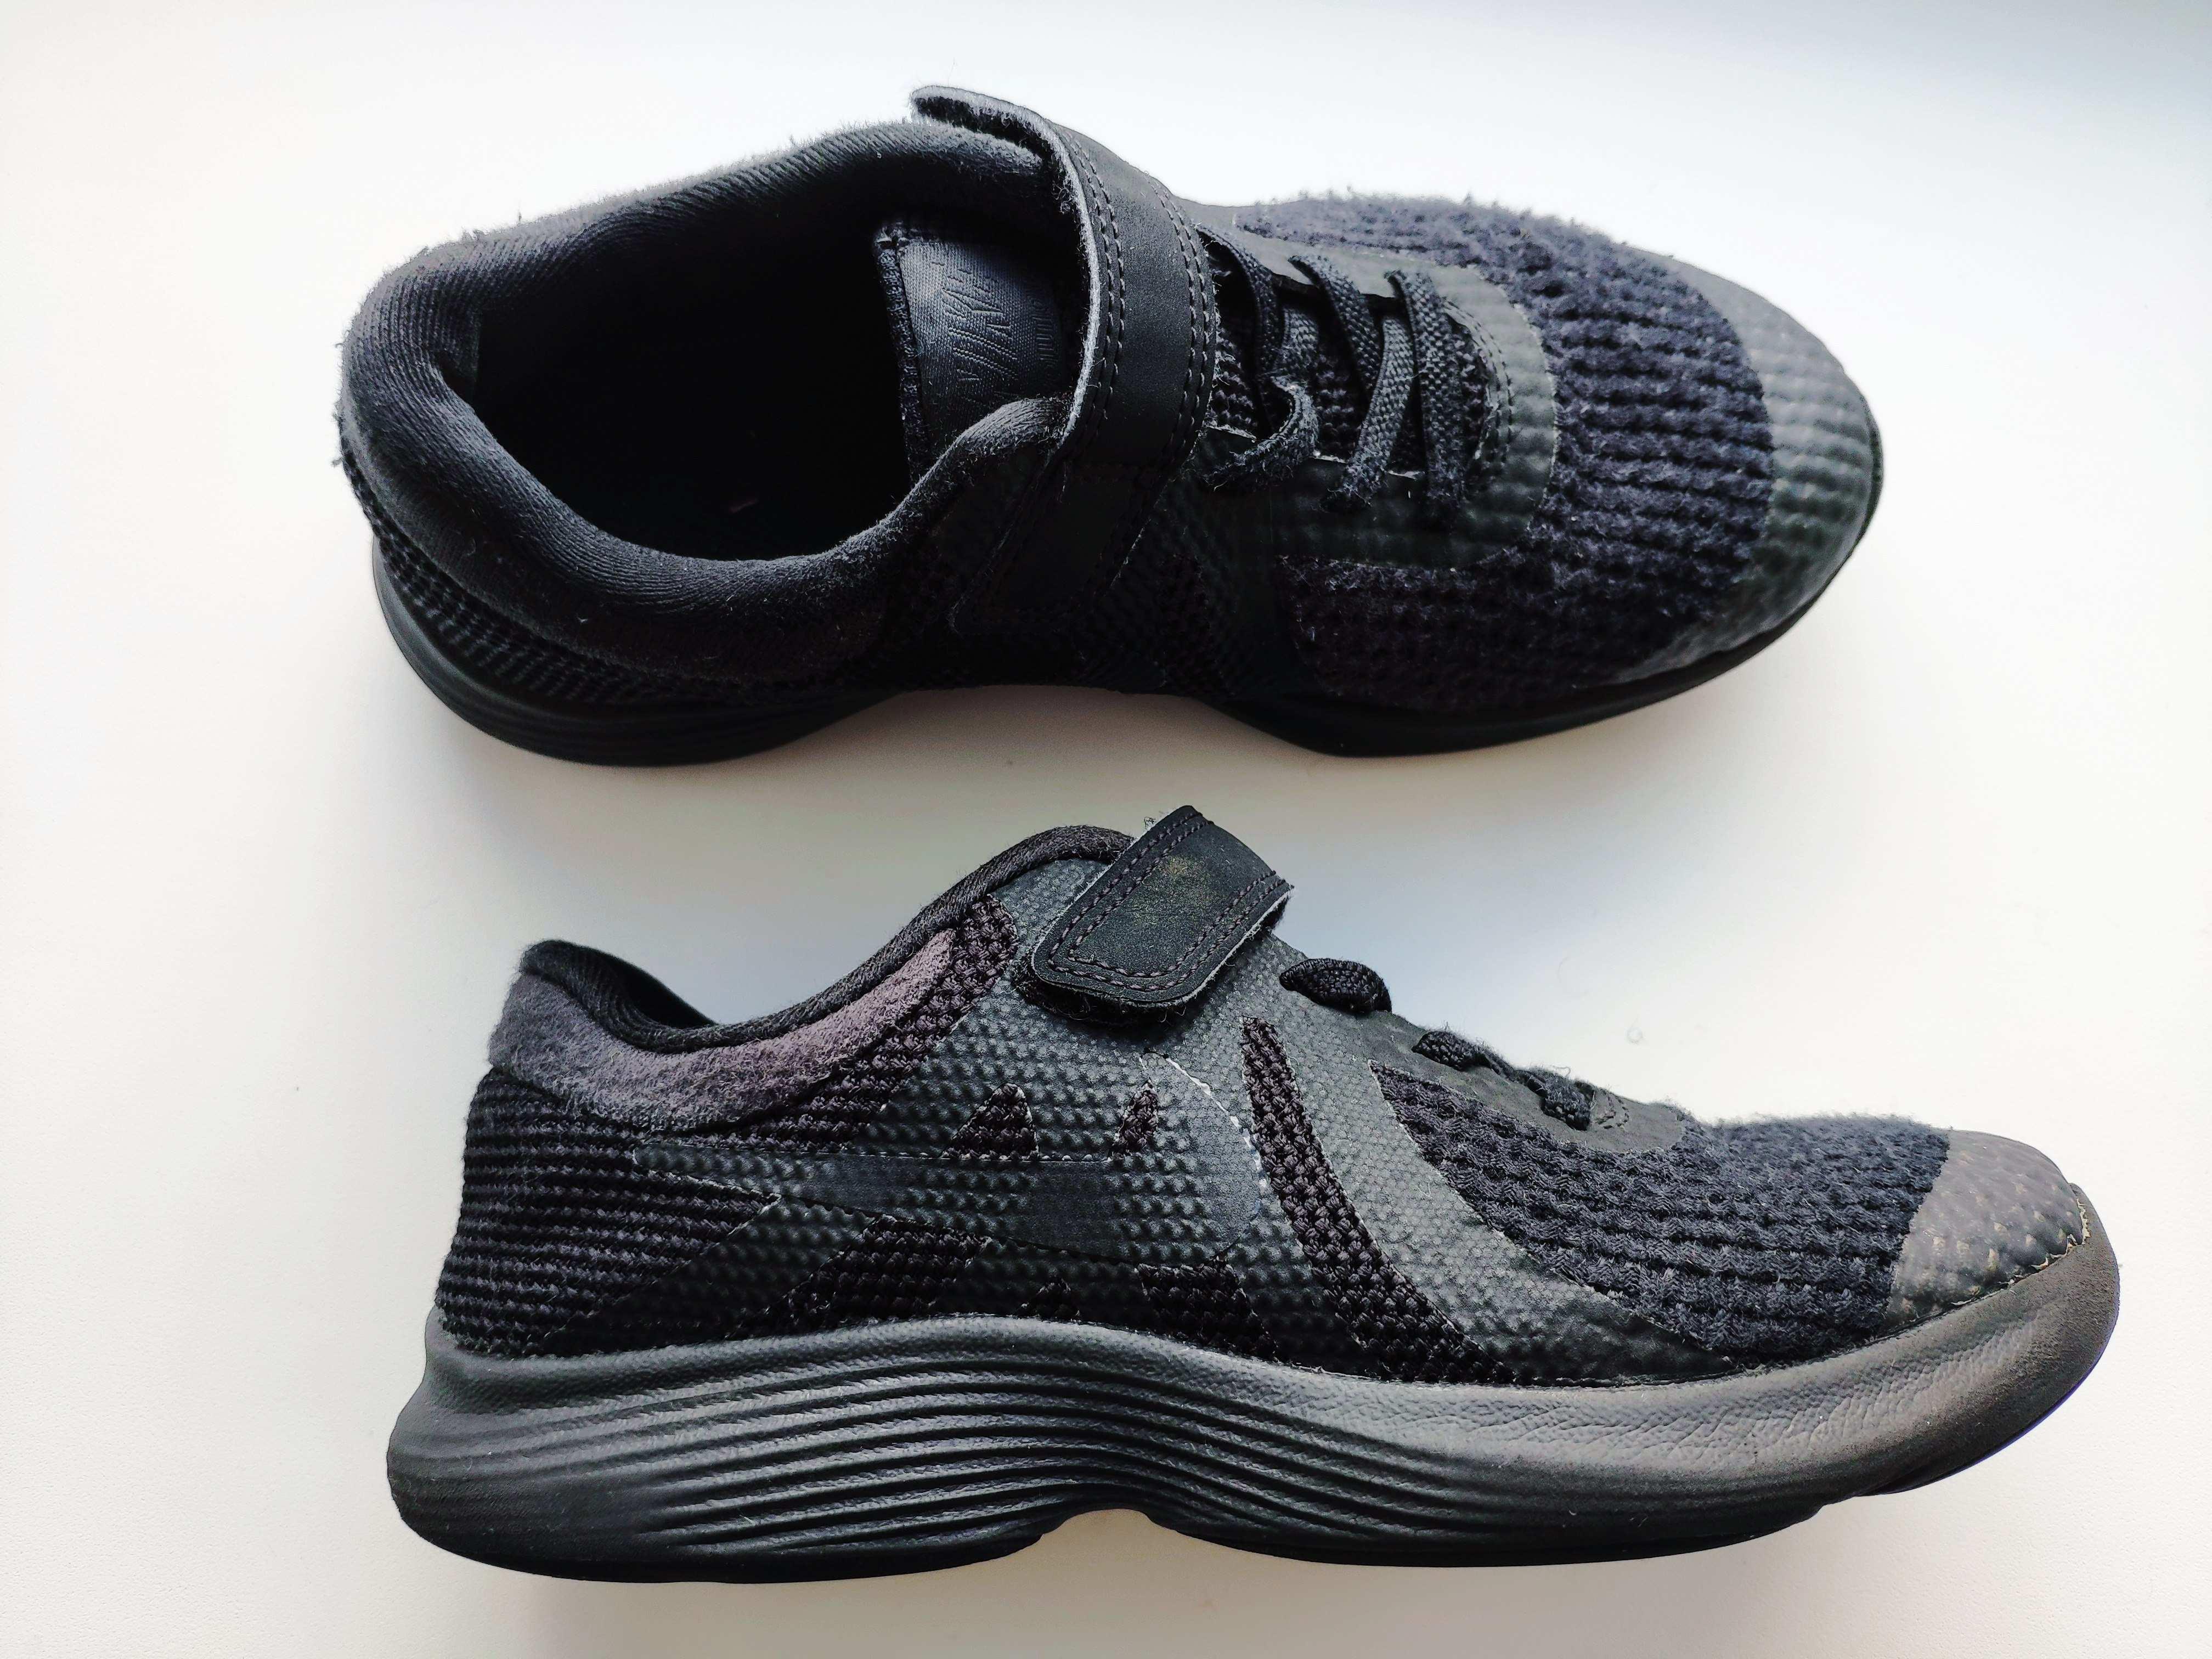 42f7283f Купить сейчас - 33 (21 см) Легкие кроссовки унисекс: 265 грн. - Для ...